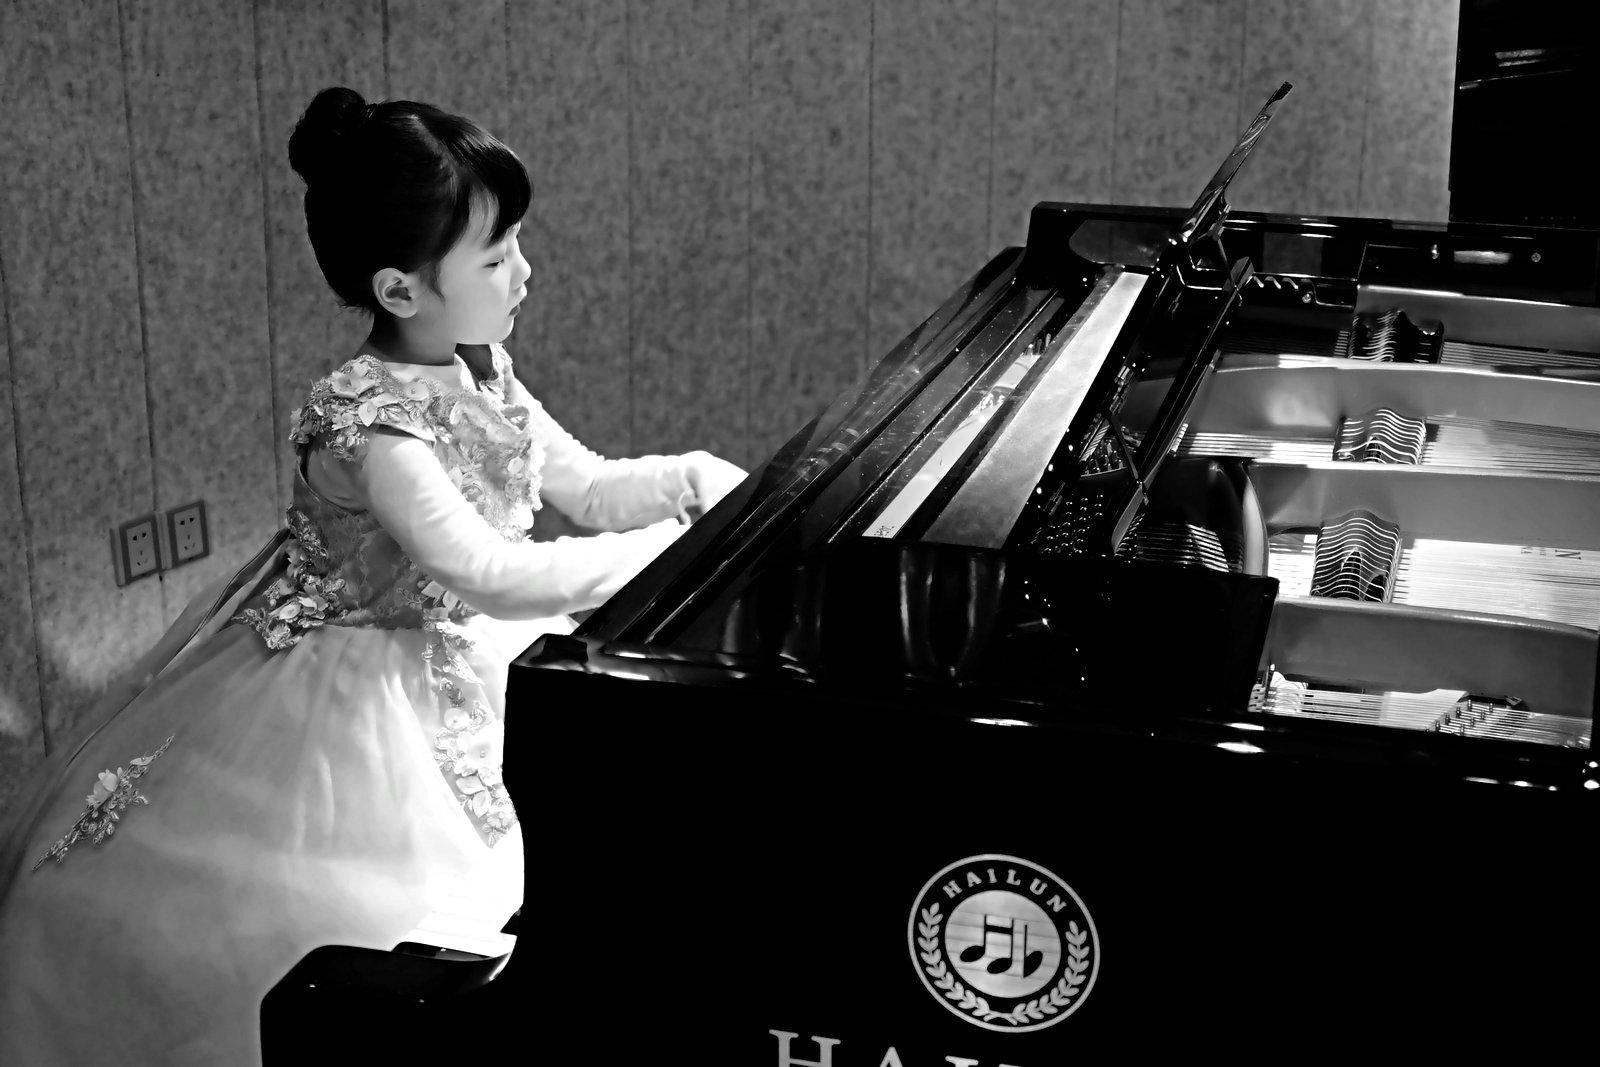 狮子123作品: 琴键上的女孩,